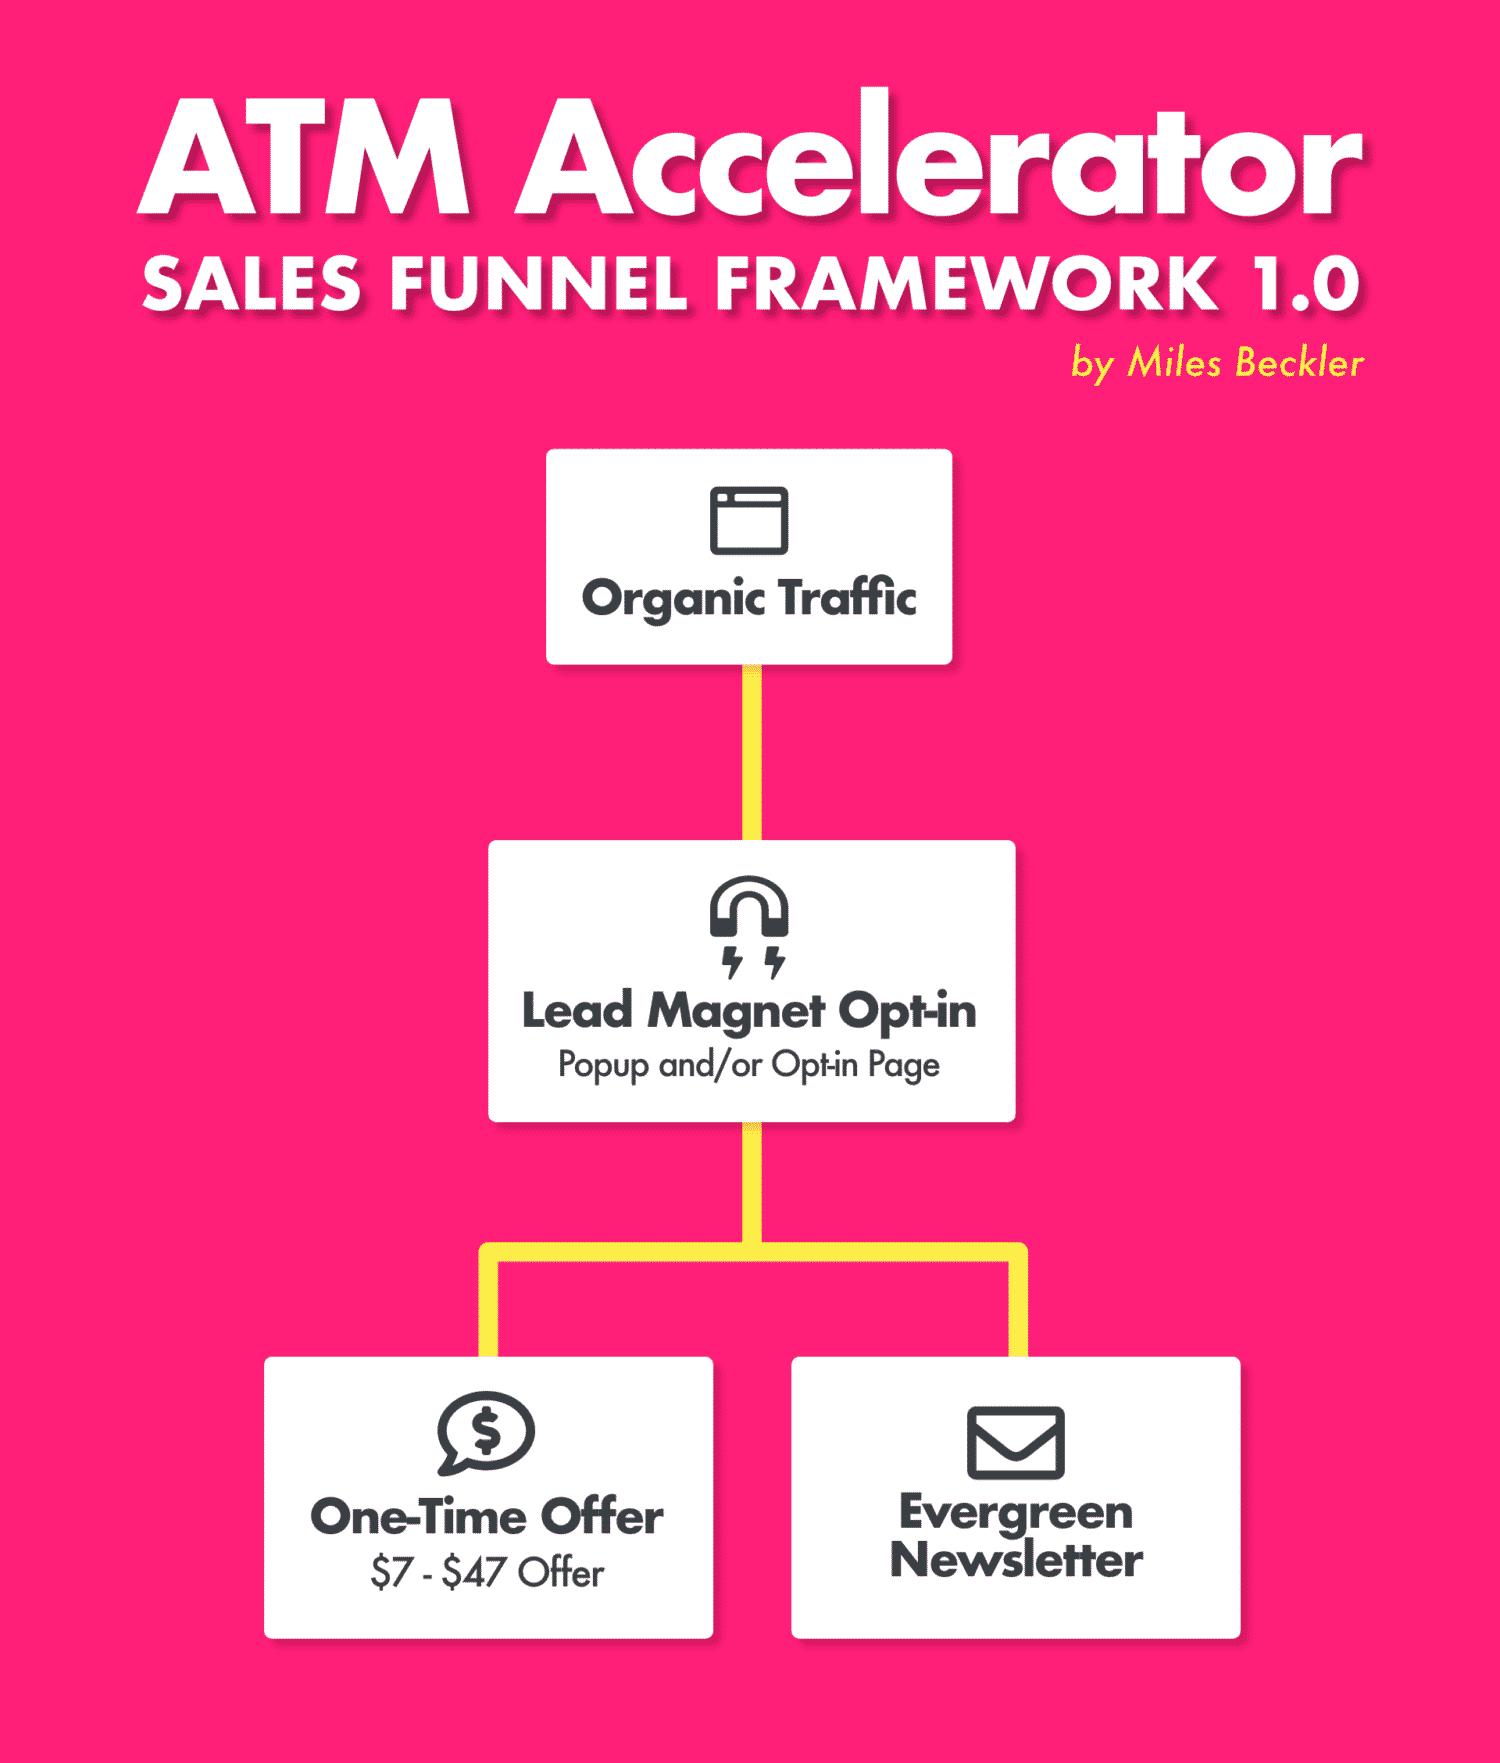 ATM Accelerator Sales Funnel Framework 1.0 by Miles Beckler